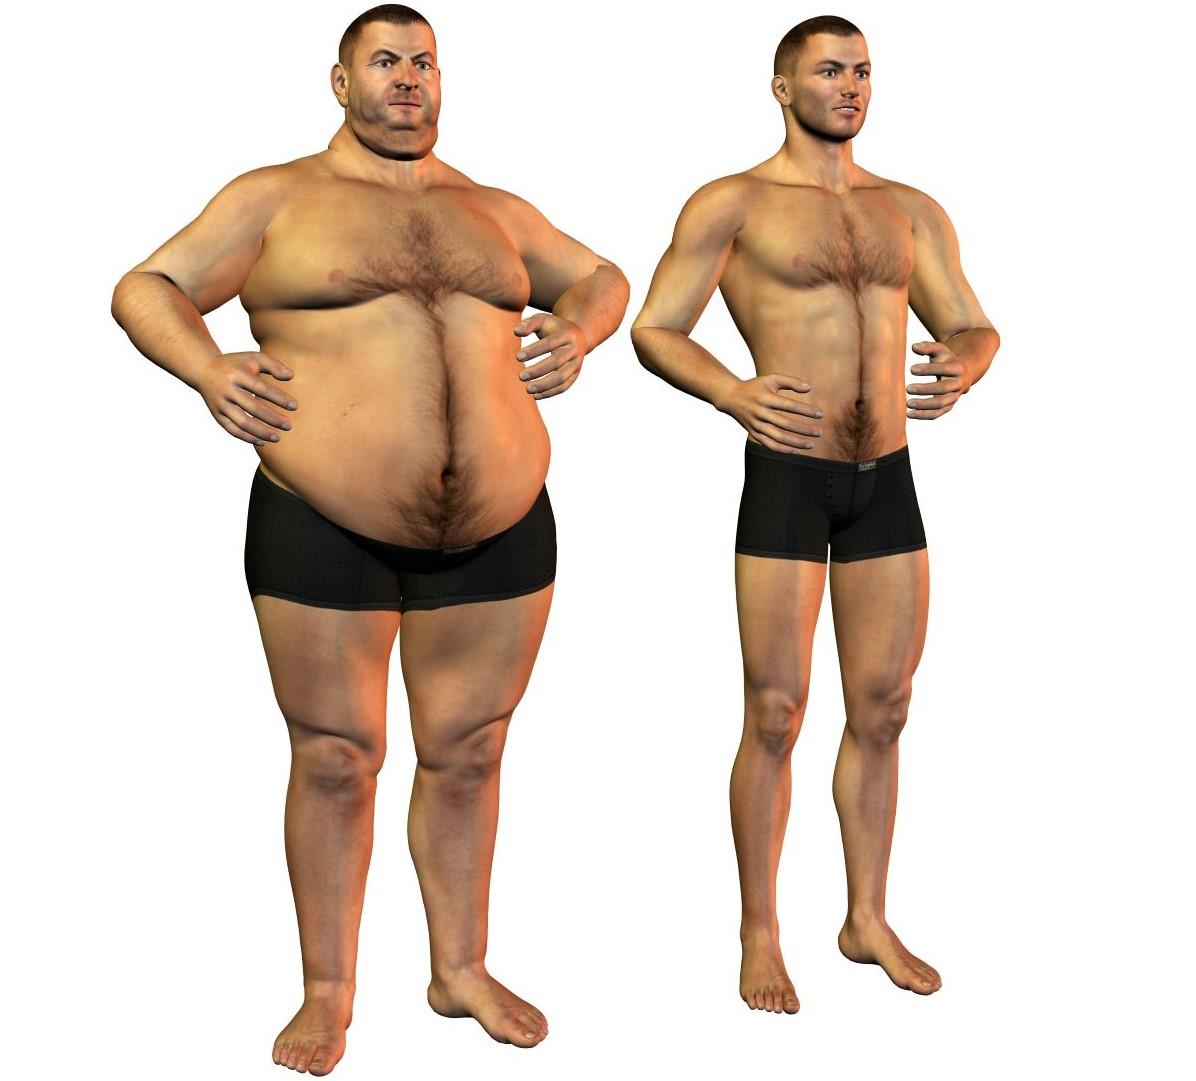 BMI berechnen und abnehmen